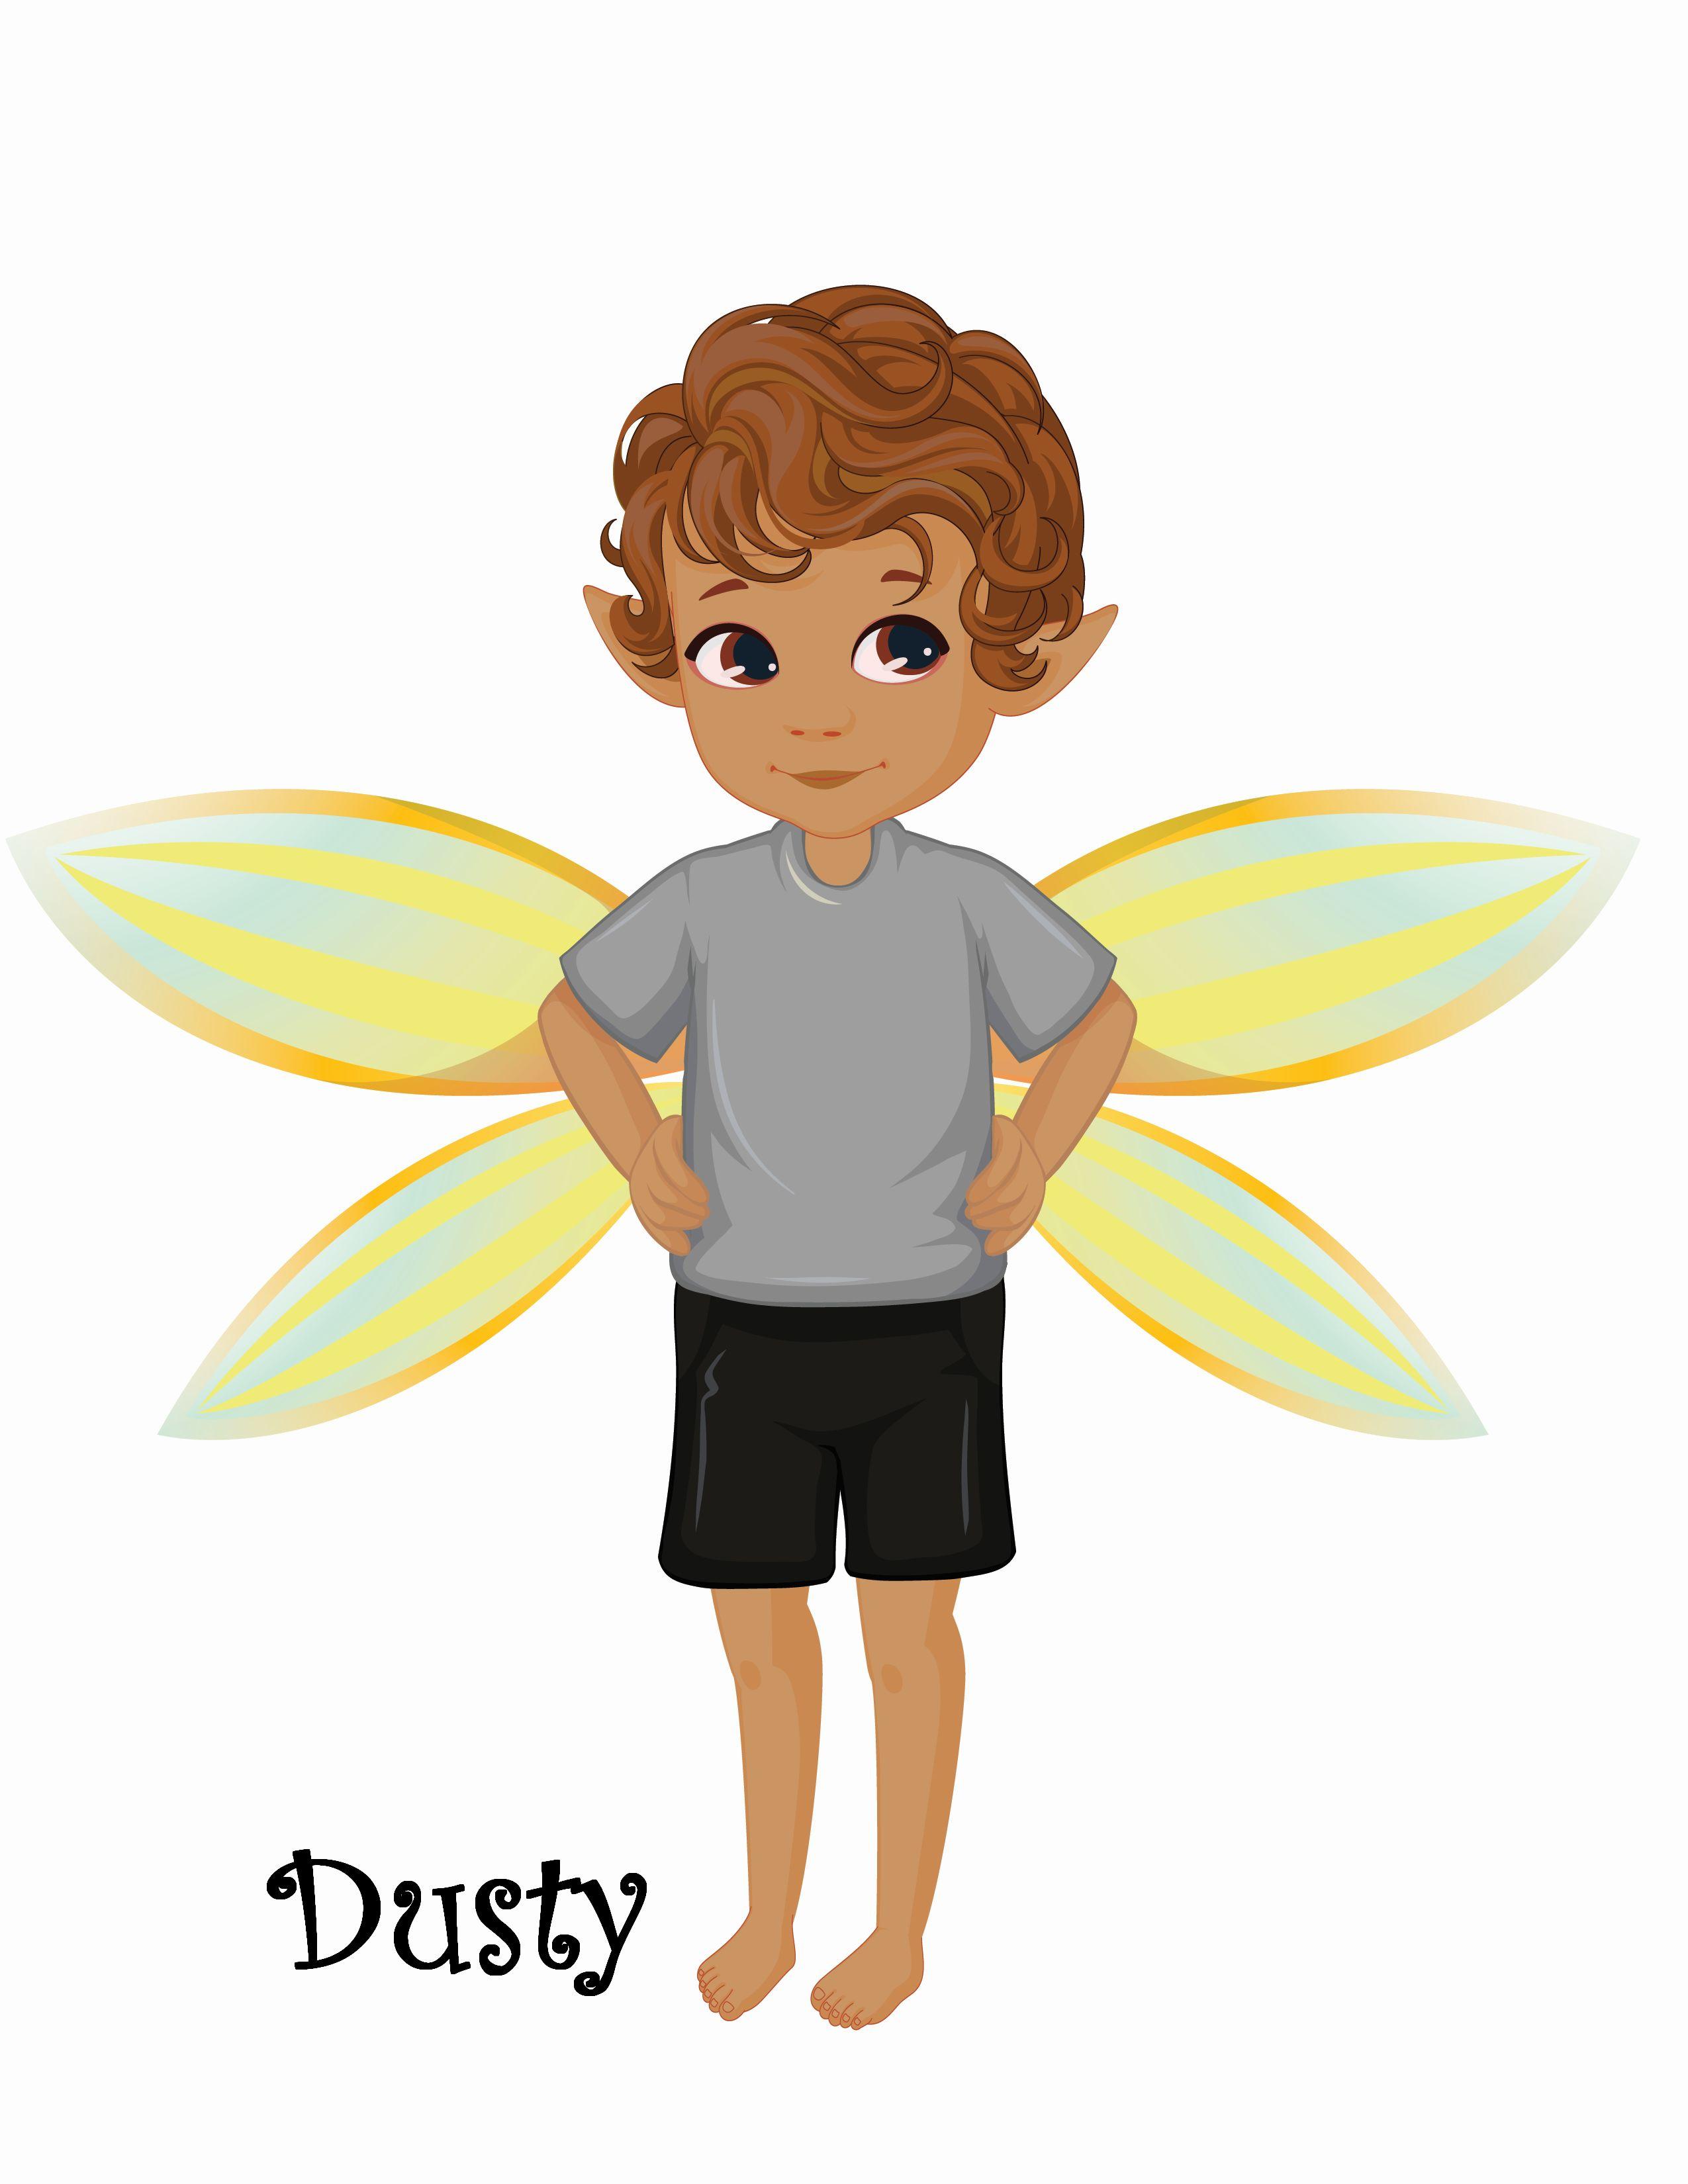 DUSTY 1